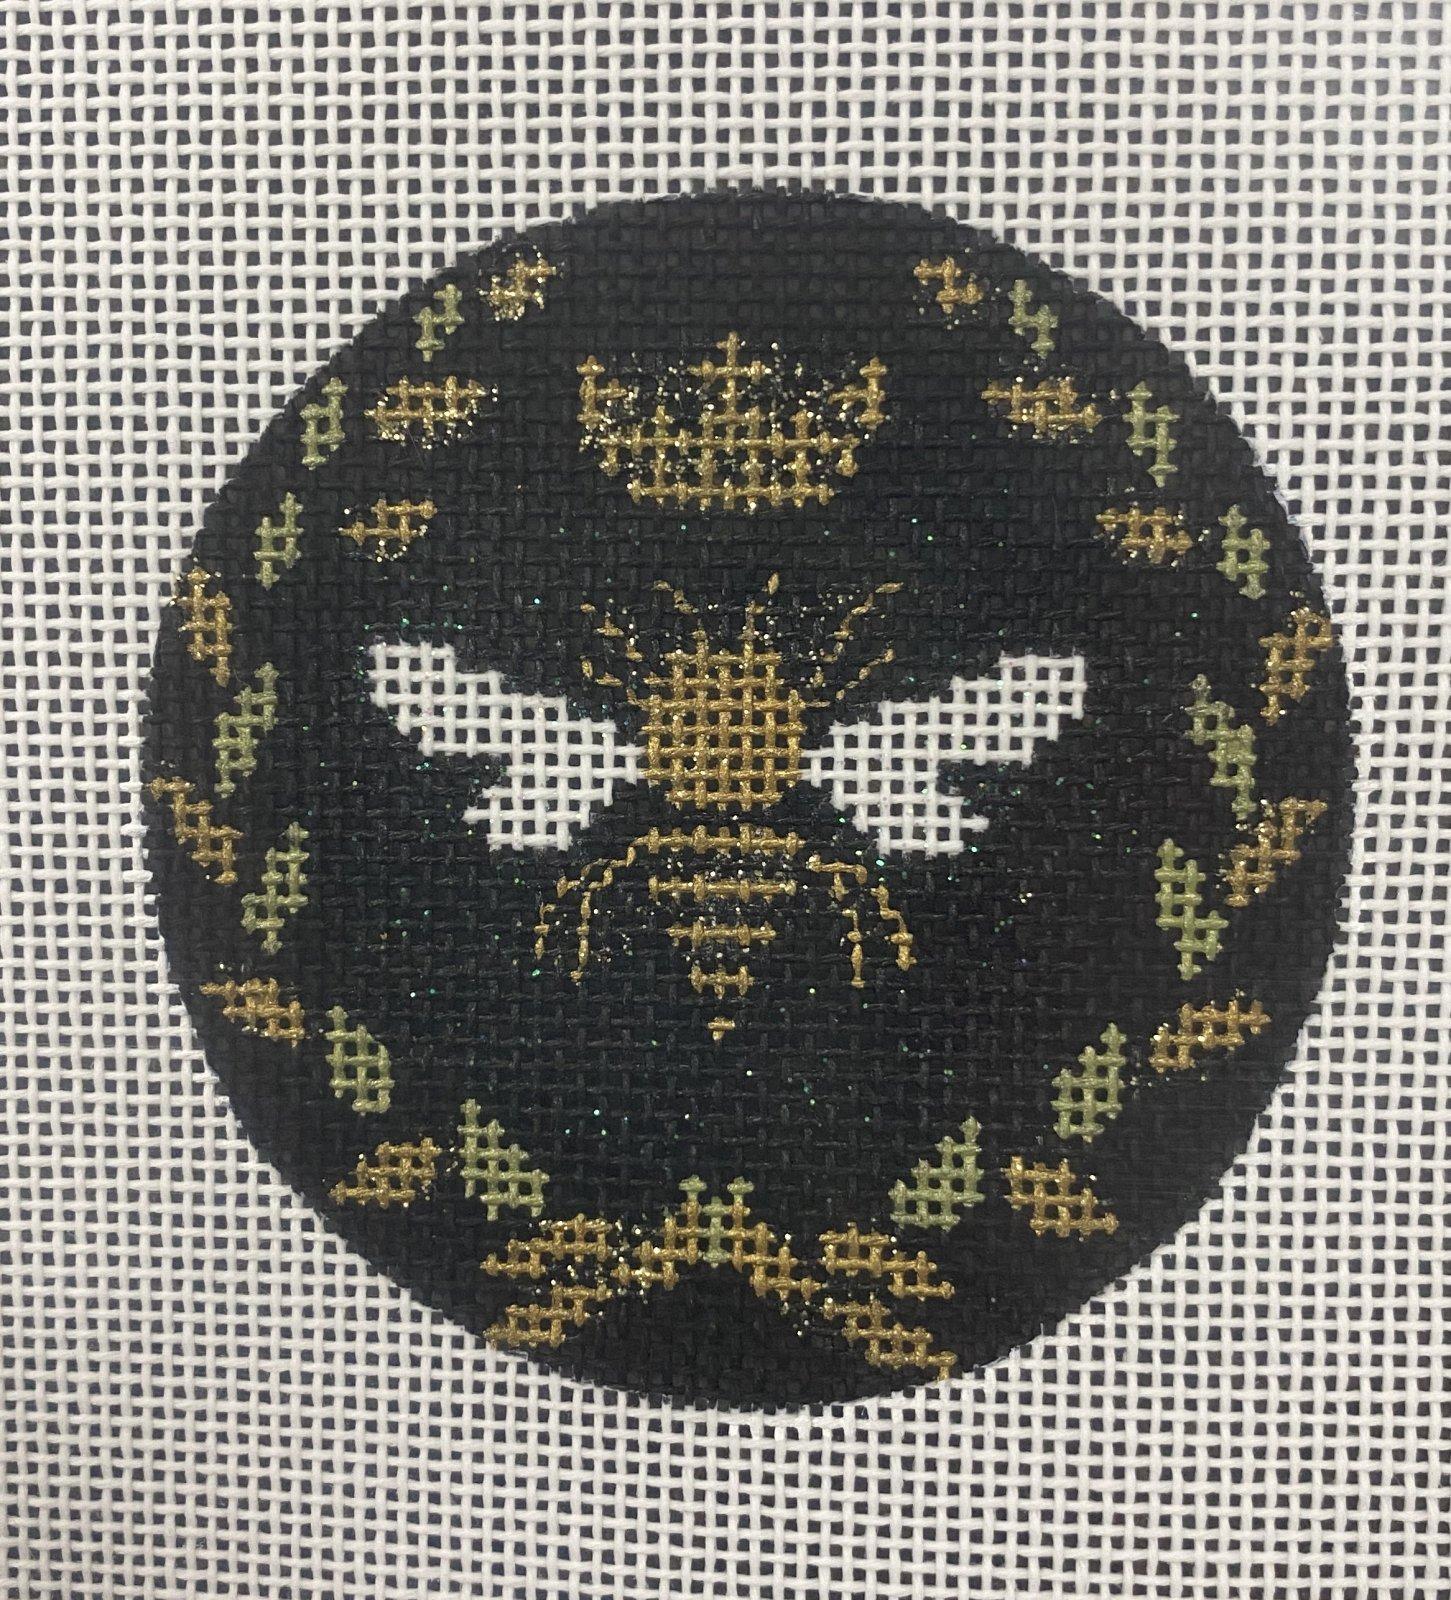 Bee on Black, 3R, 18M